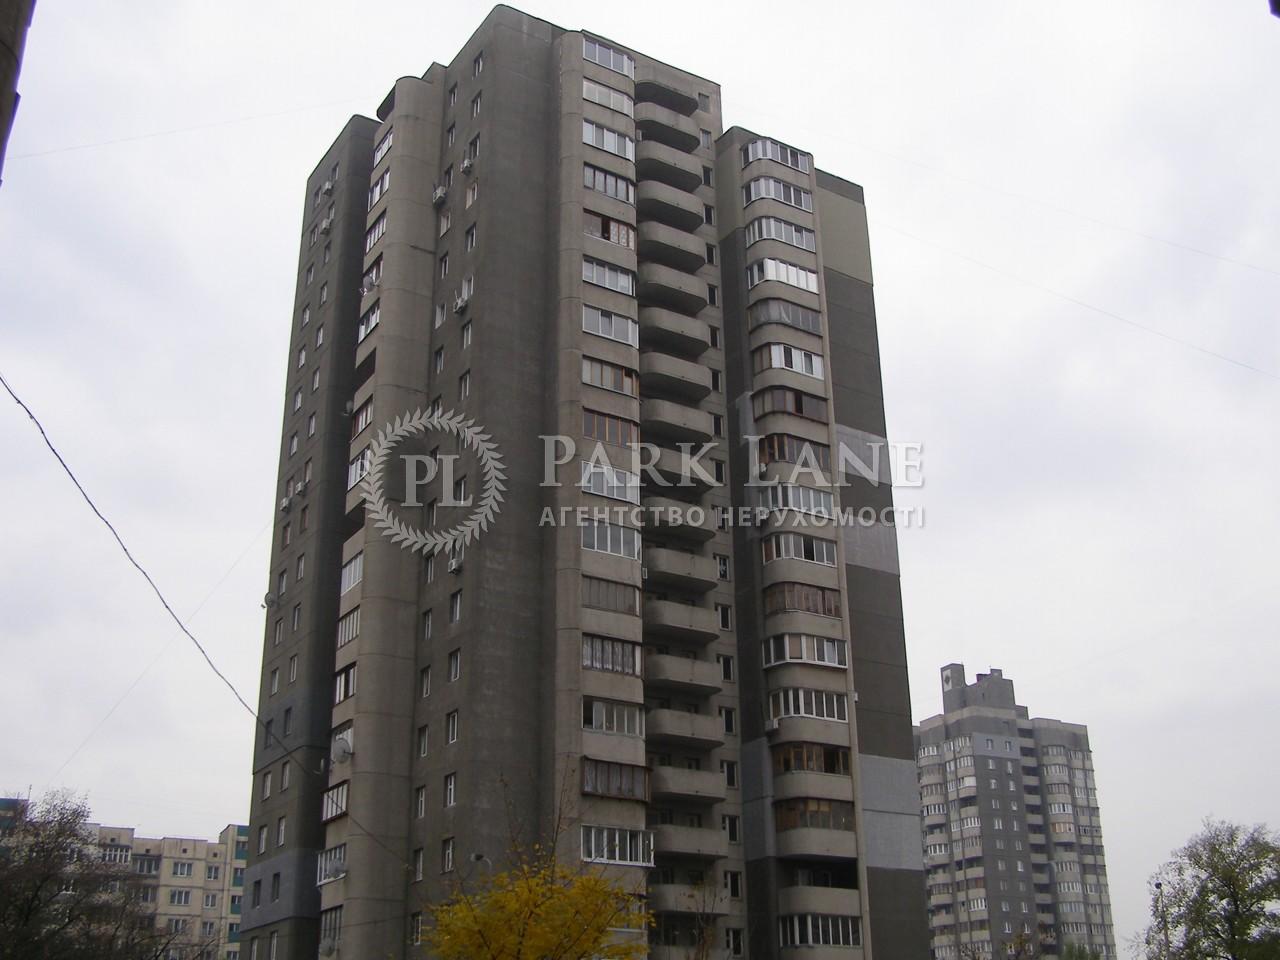 Квартира ул. Азербайджанская, 16/4, Киев, Q-321 - Фото 5